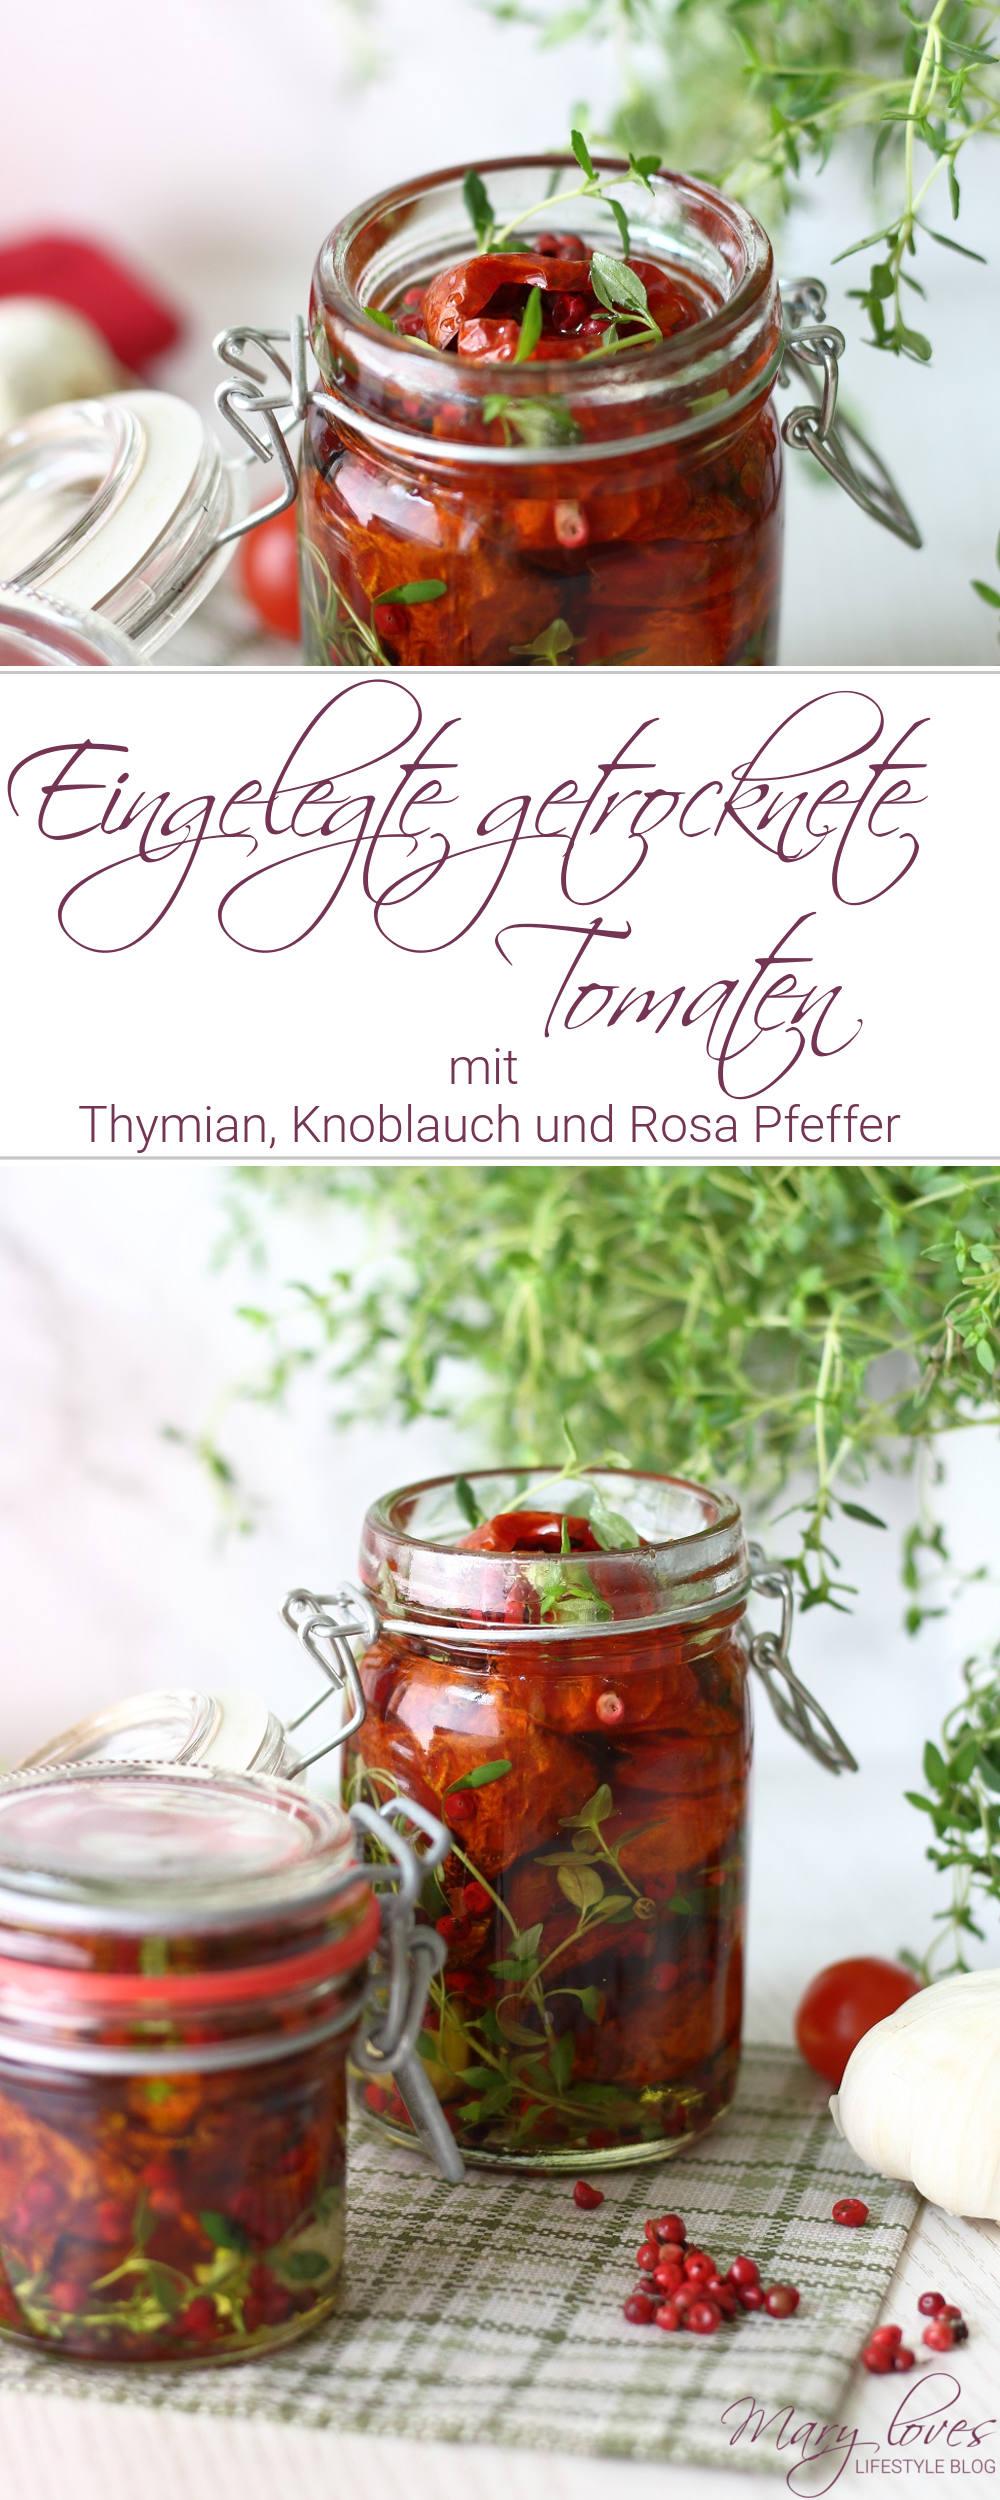 Rezept für eingelegte getrocknete Tomaten mit Thymian, Knoblauch und Rosa Pfeffer - #getrocknetetomaten #tomaten #tomateninöl #einlegen #einwecken #ofentomaten